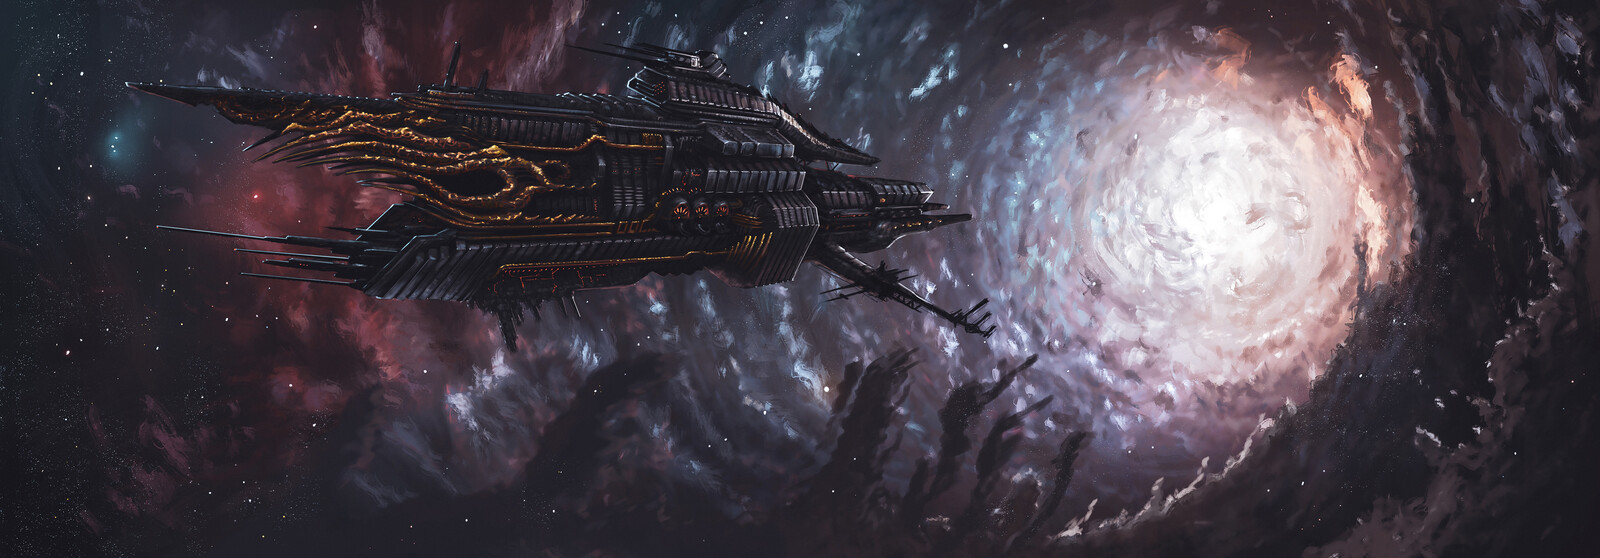 Dark ship